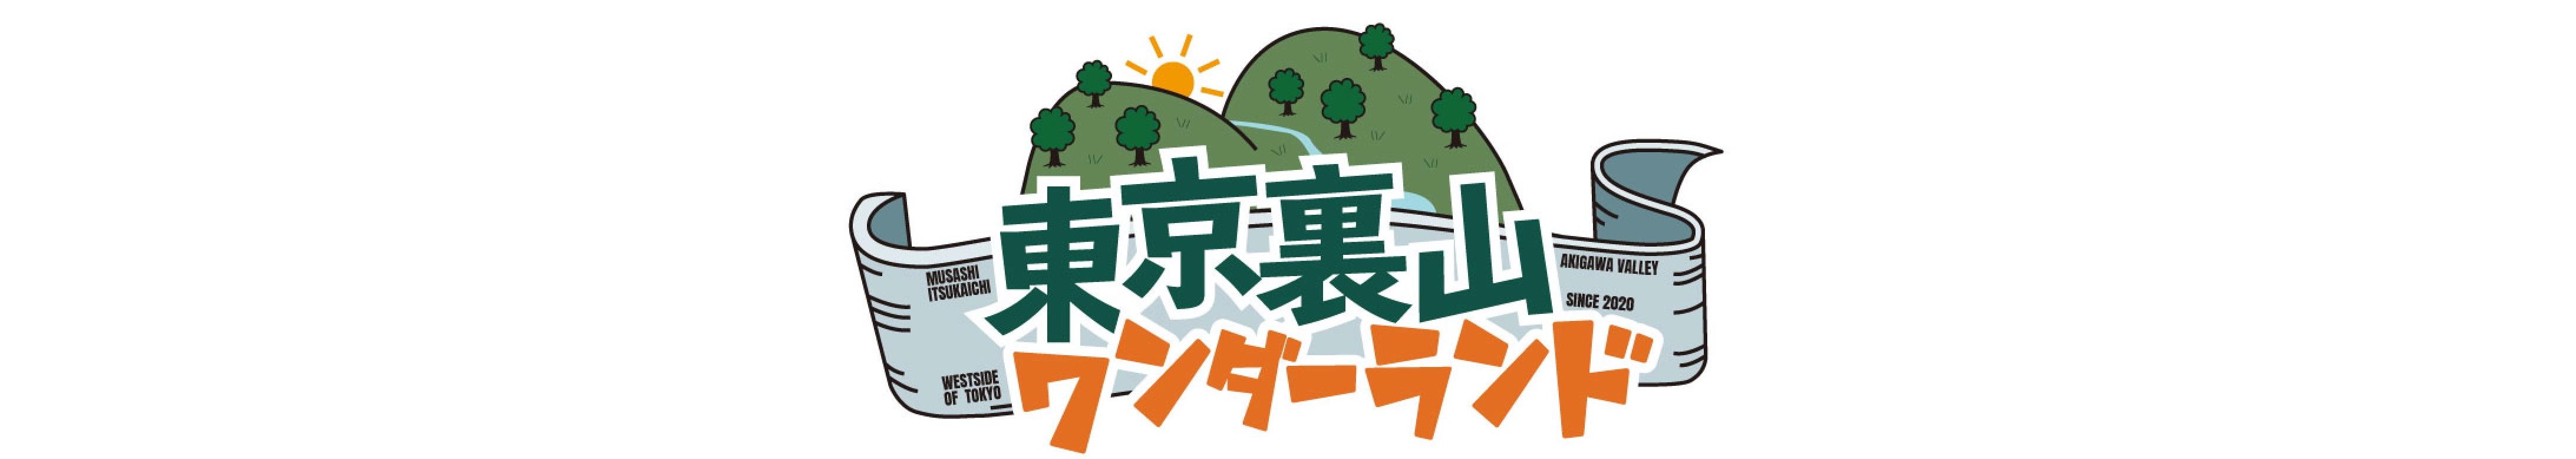 東京裏山ワンダーランド